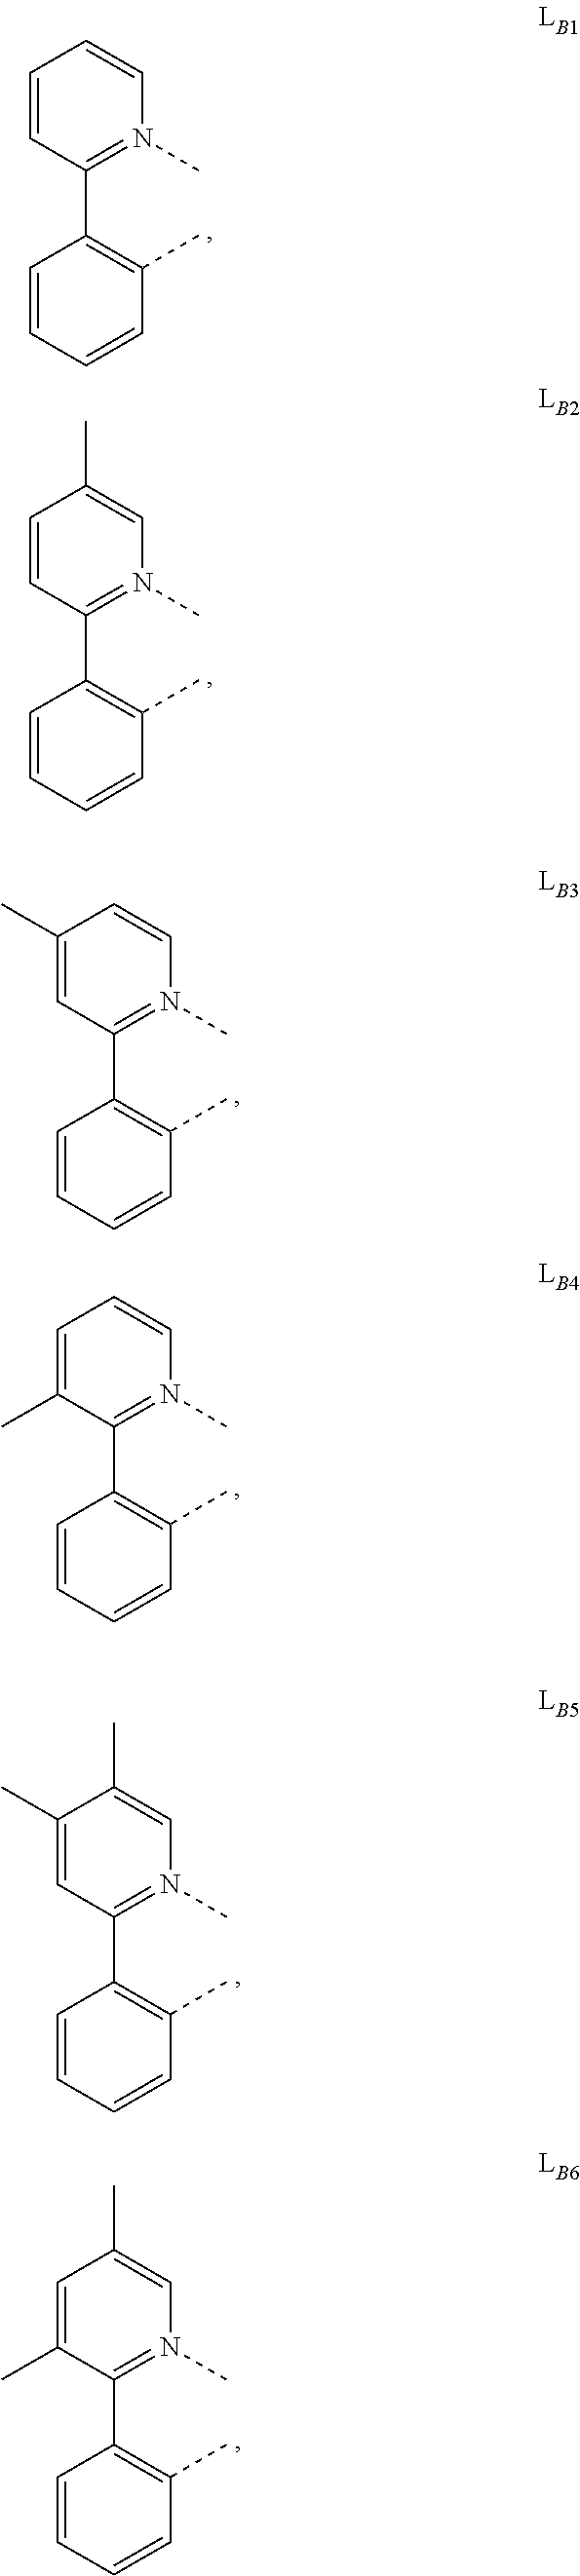 Figure US10003034-20180619-C00565